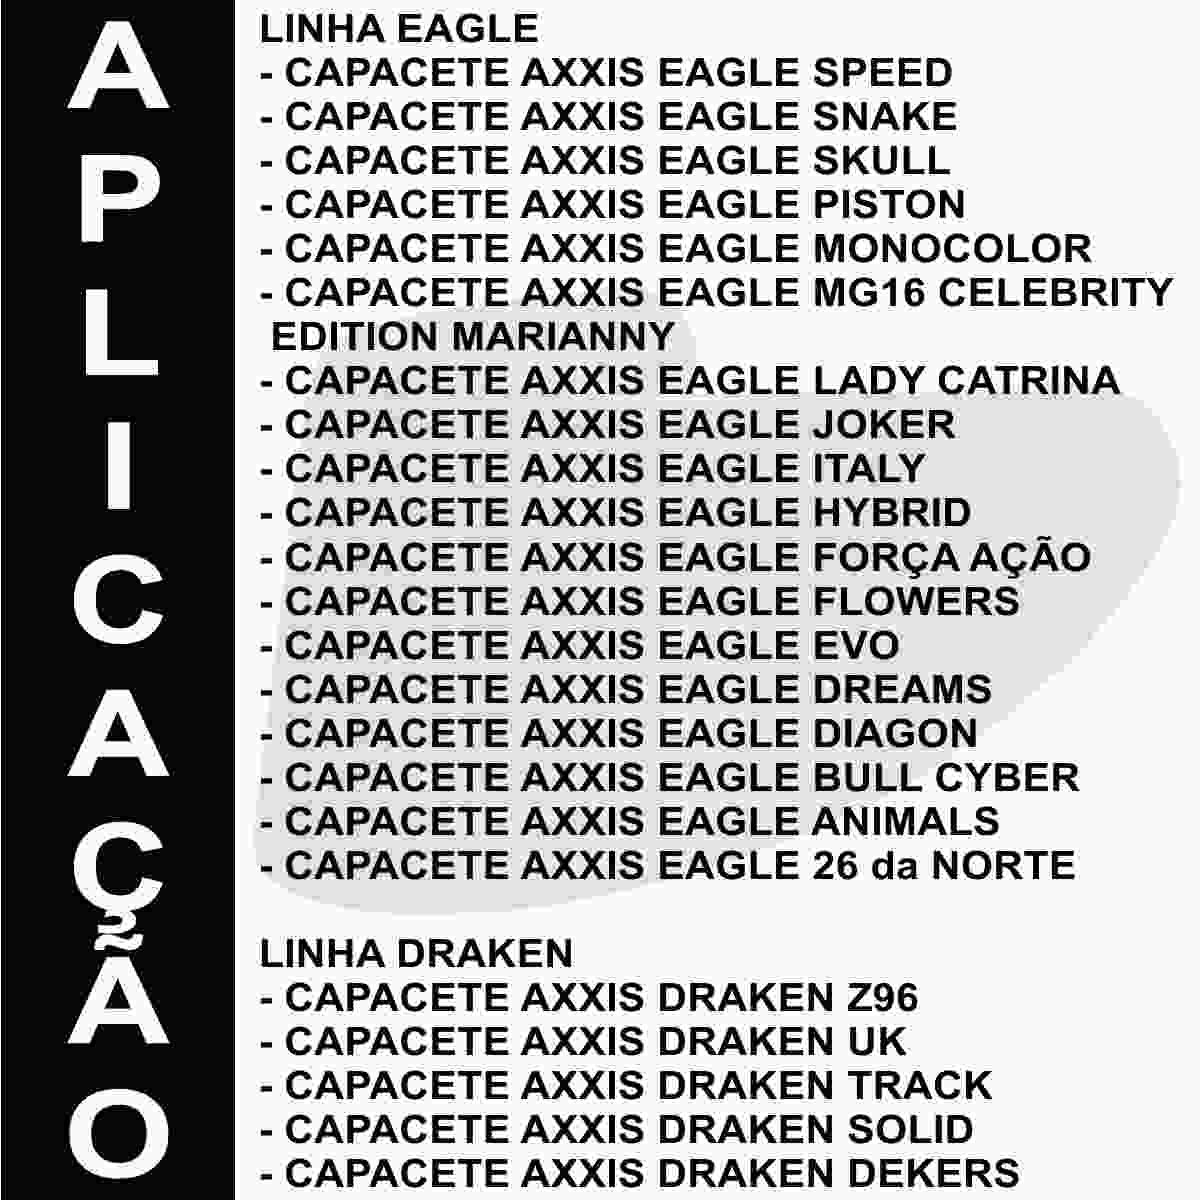 VISEIRA AXXIS EAGLE/DRAKEN PURPPLE VIOLETA V18